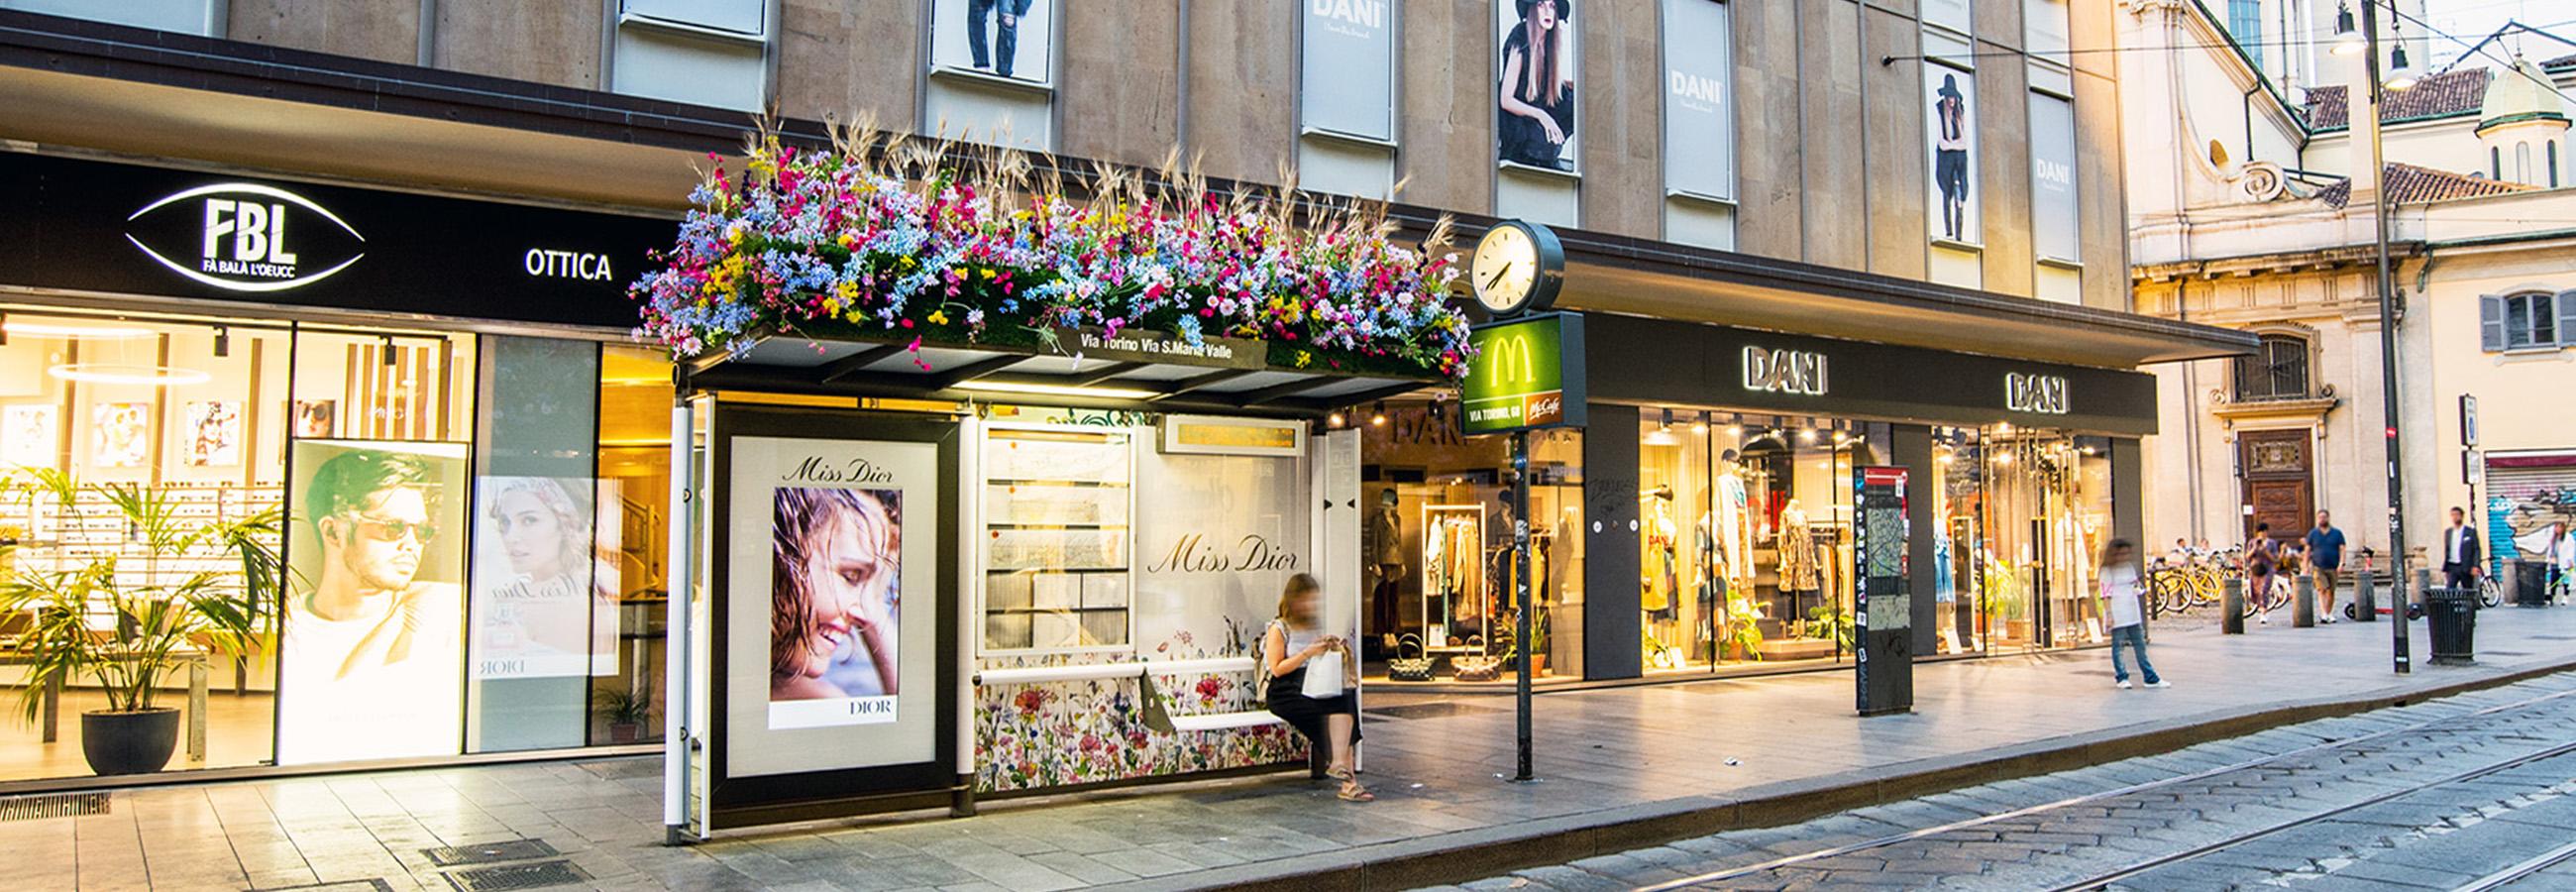 Brand pensiline floreali per il lancio della fragranza Miss Dior